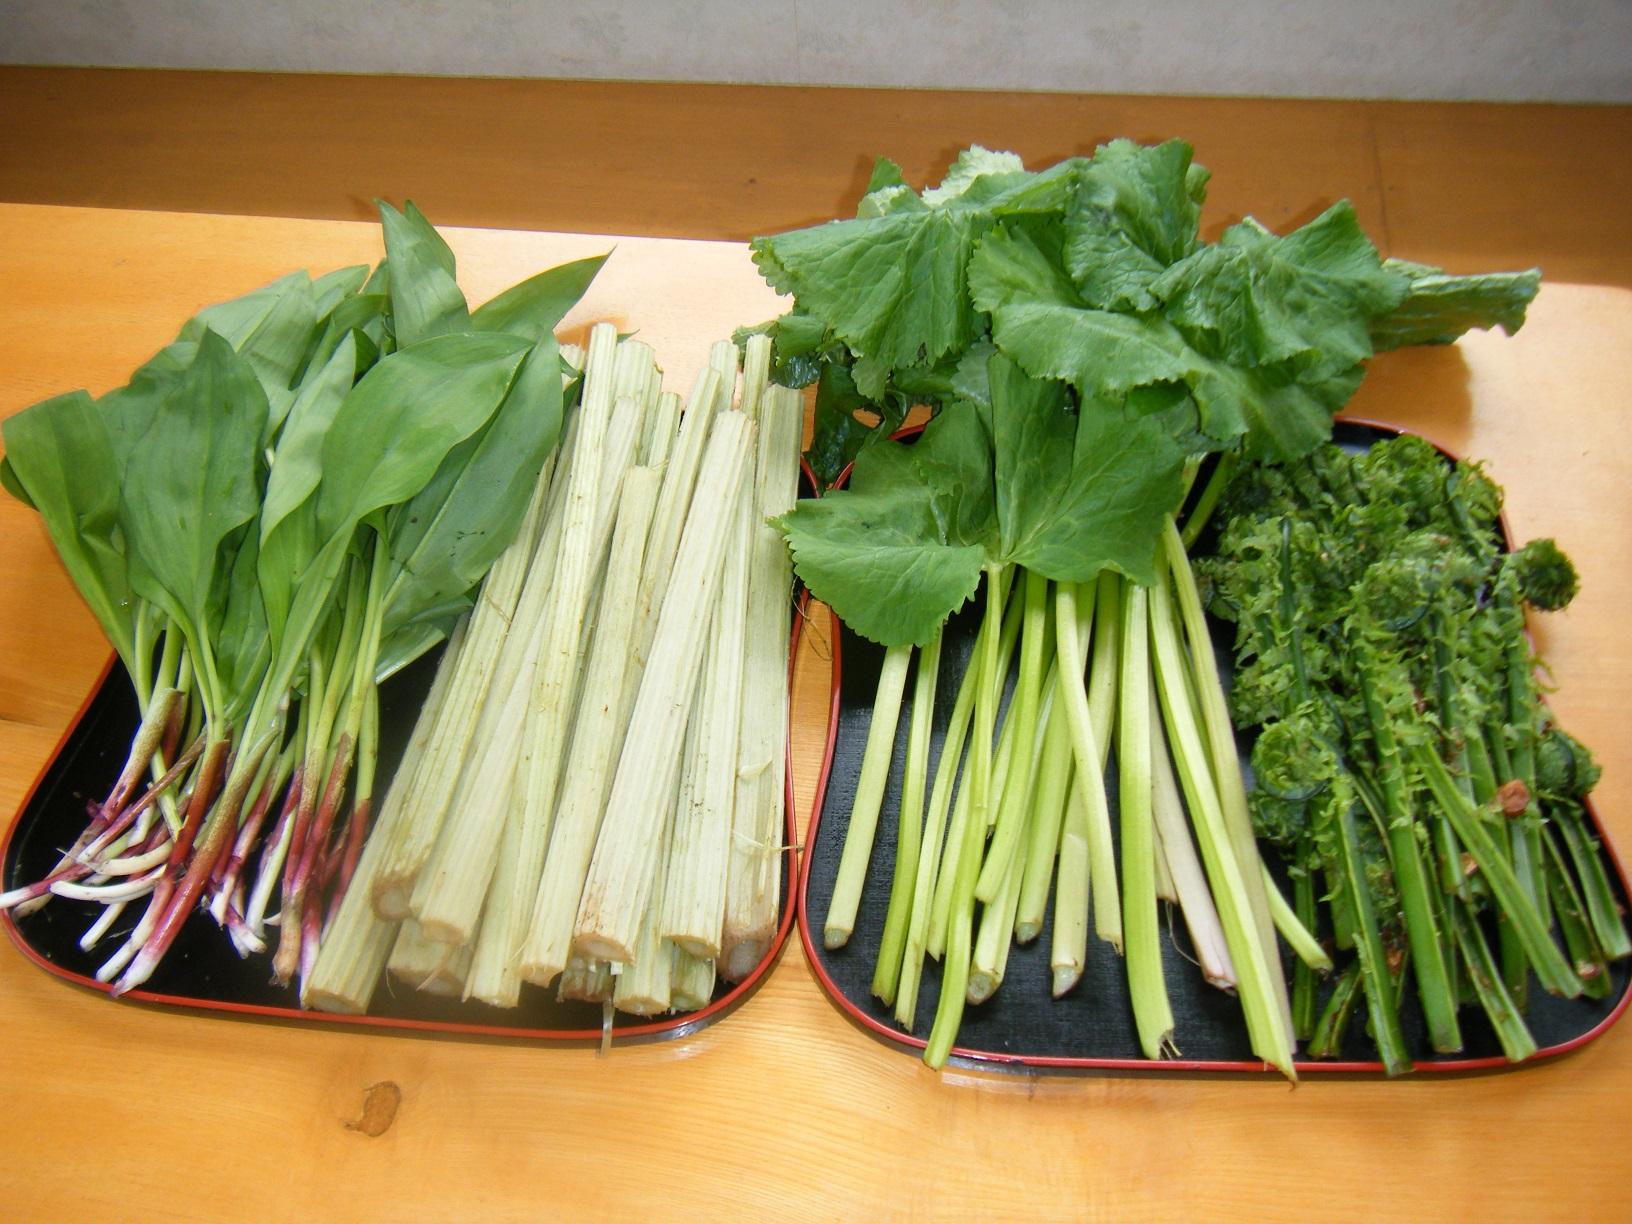 地場の山菜(ギョウジャニンニク・フキ・コゴミ)